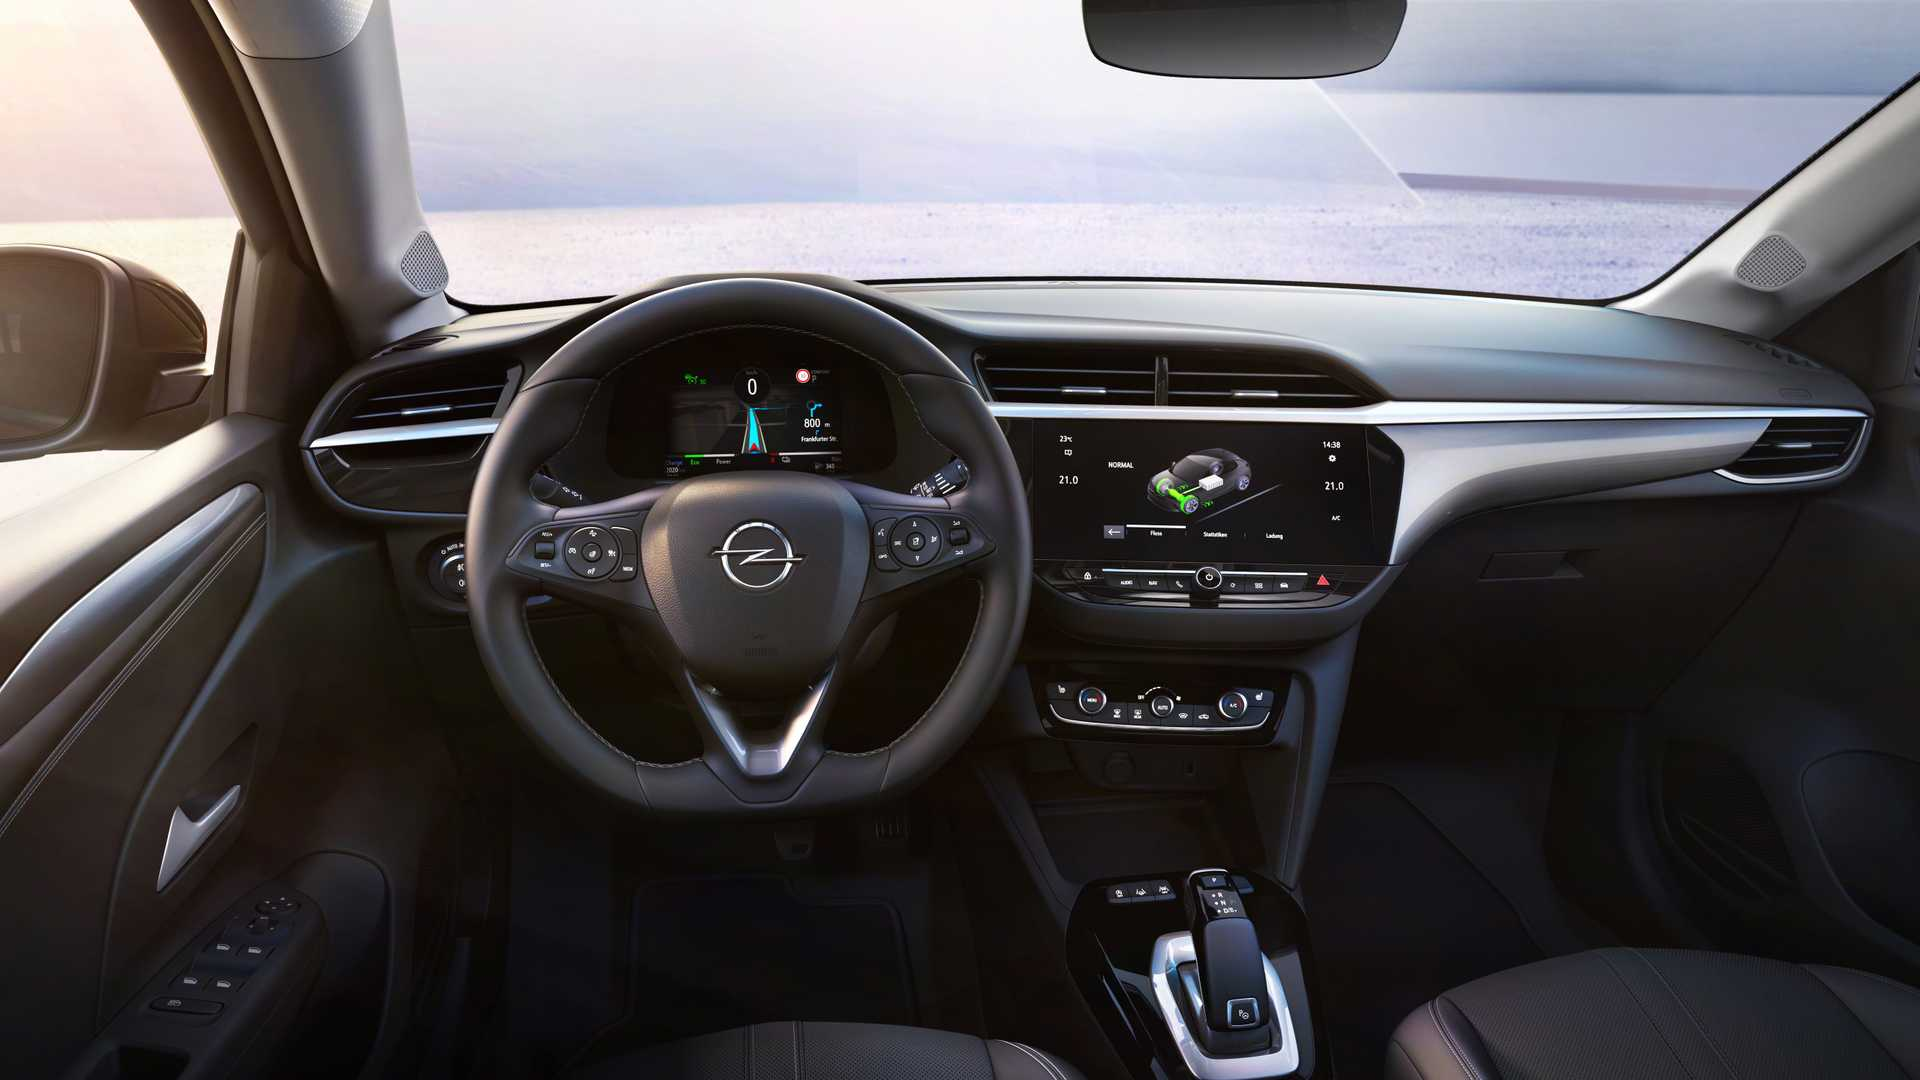 Представлена новая Opel Corsa – пока в электроварианте 3